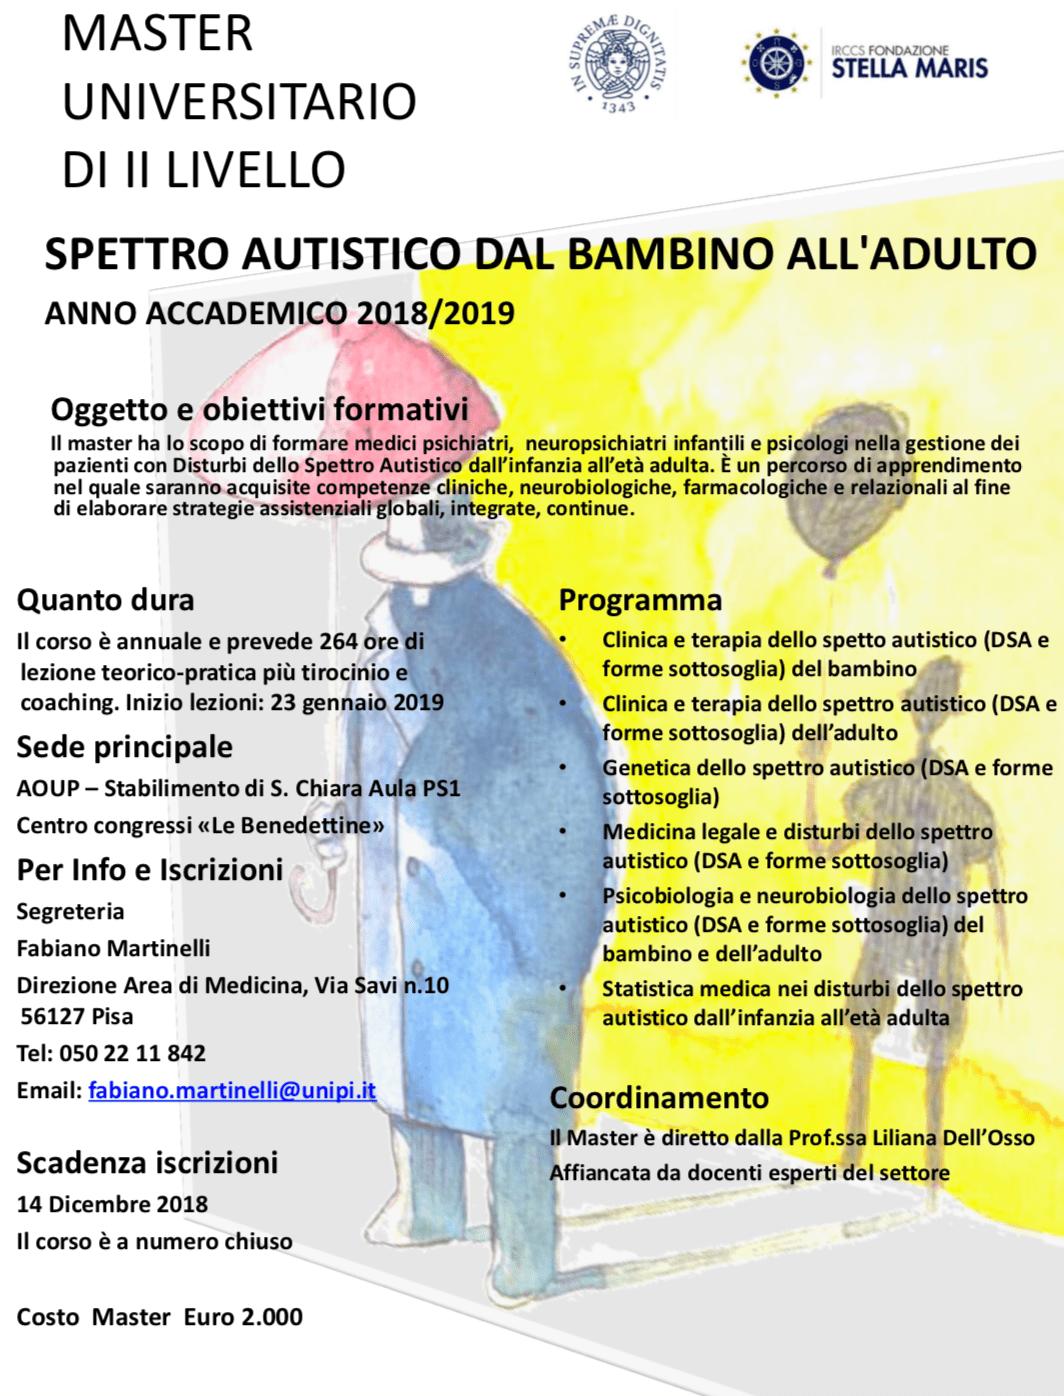 sito di incontri dello spettro autisticoHon matchmaking disabilitato